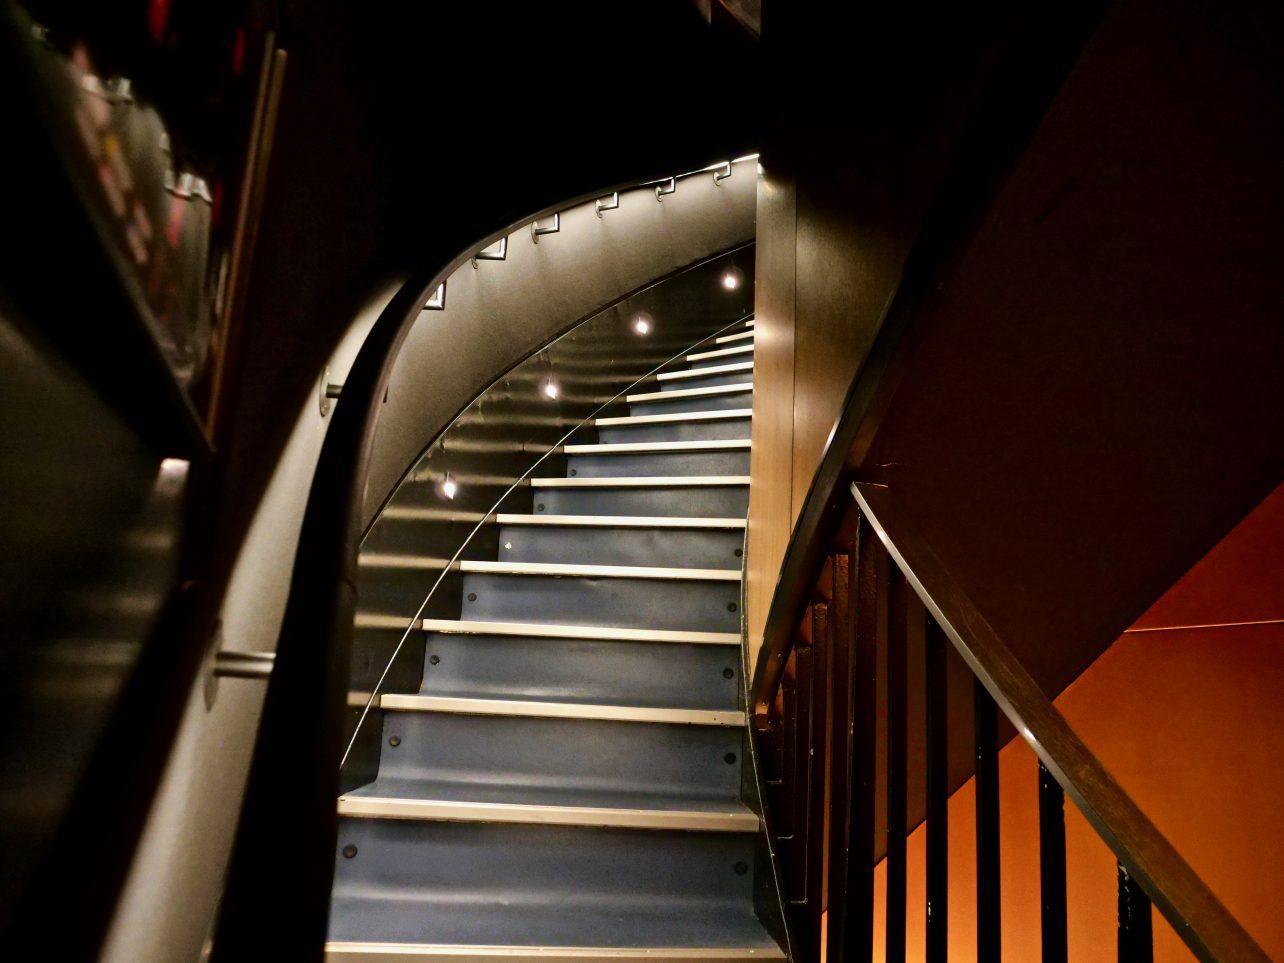 Les escaliers de la Tour de Contrôle